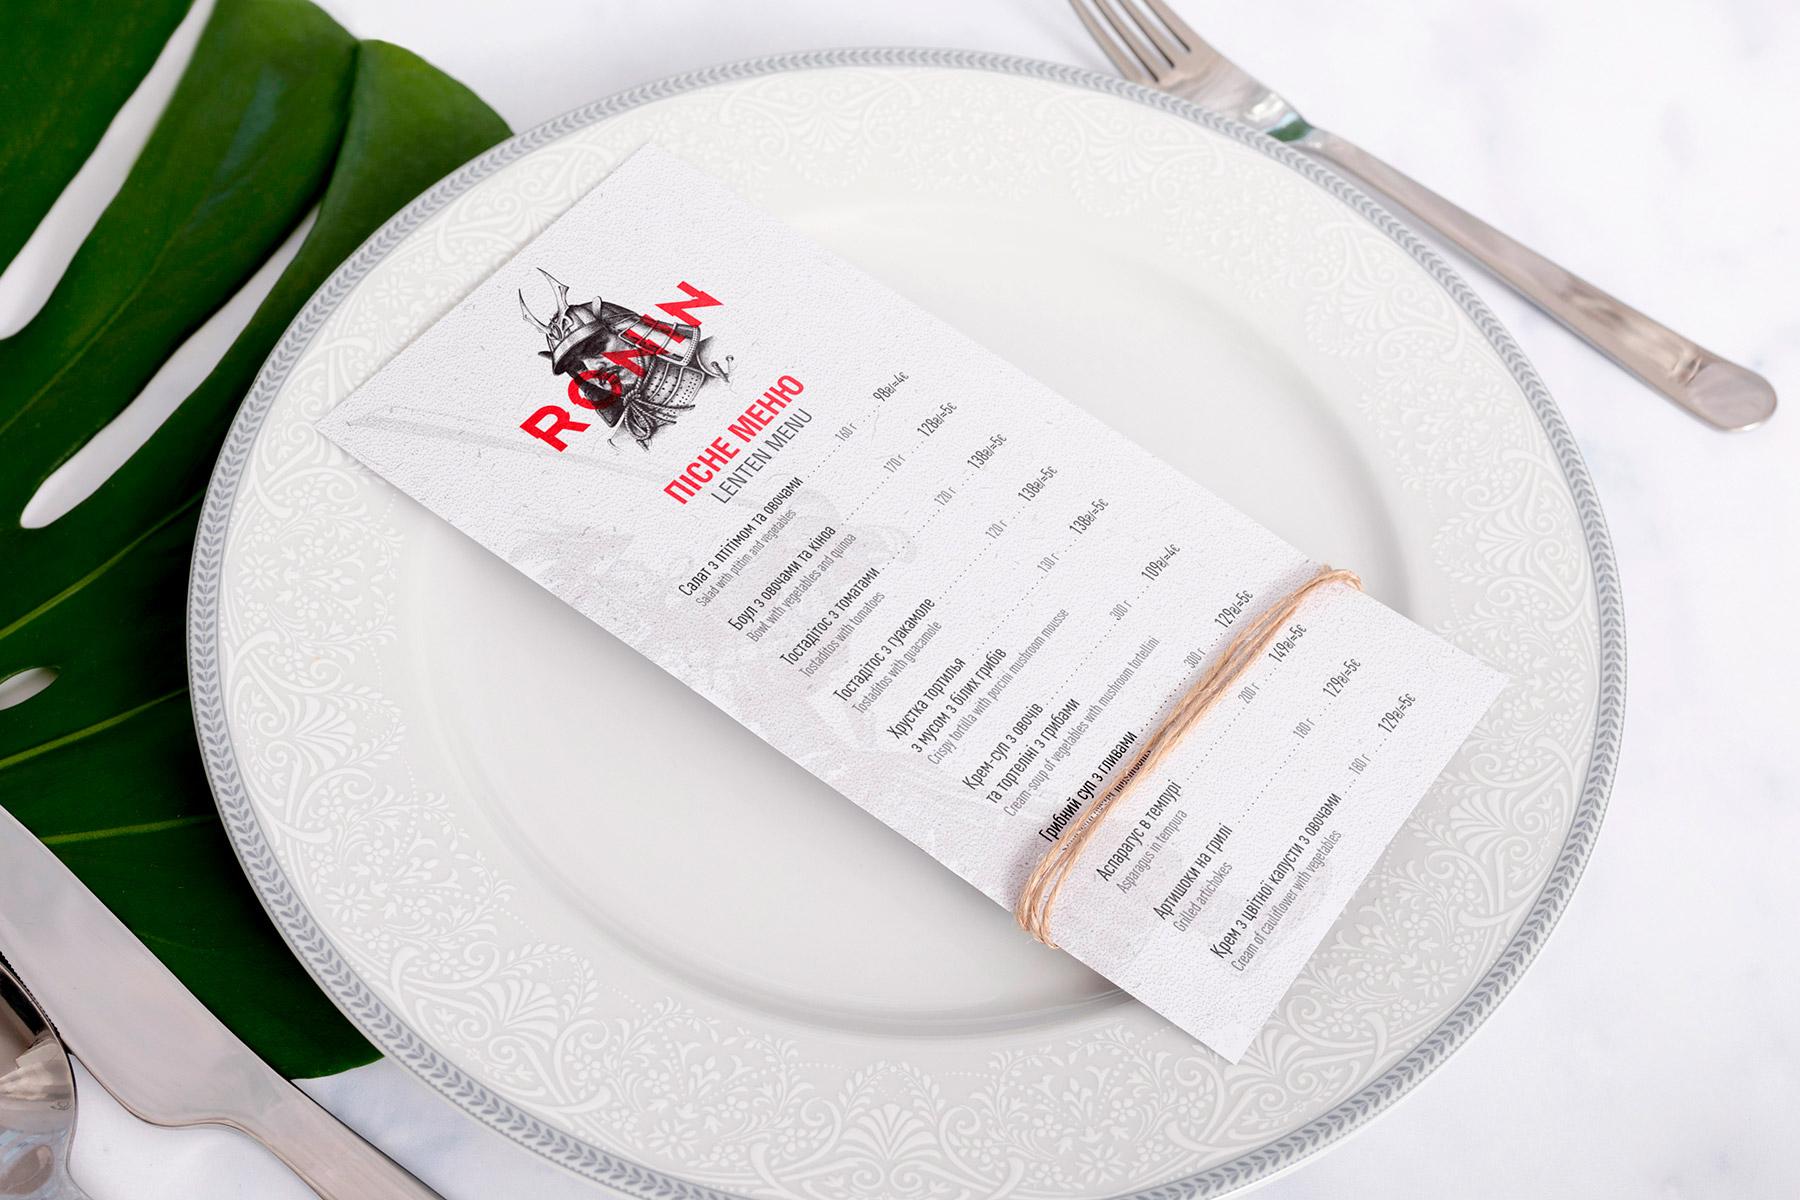 Розробка дизайну меню ресторану кафе Київ. RONIN, ПІСНЕ МЕНЮ